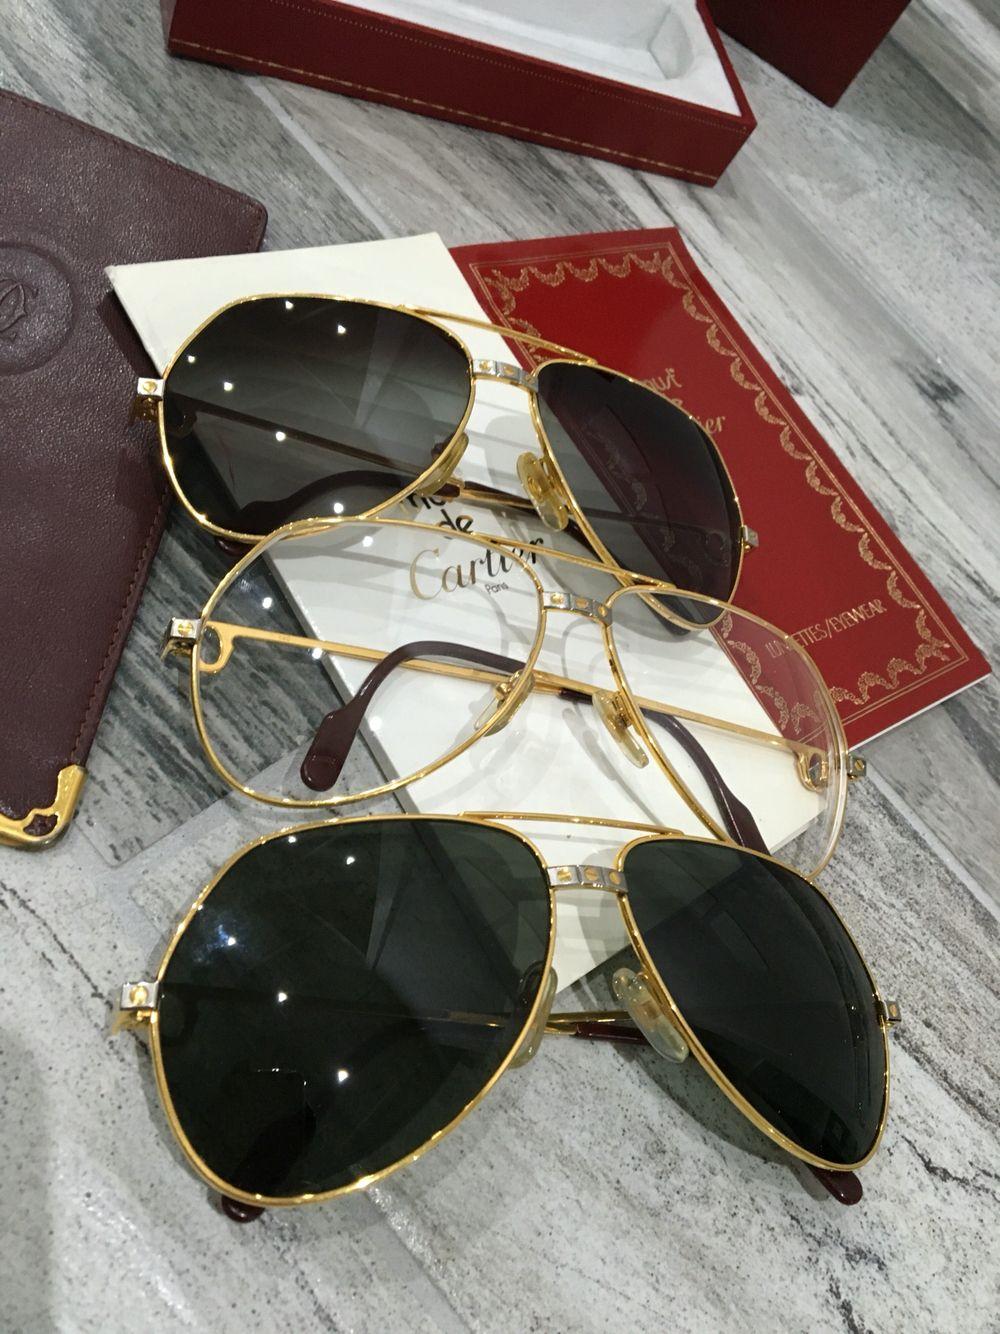 8d35606474 Must de Cartier Santos Vendome occhiali taglie 59-14 e 62 14 corredo  completo